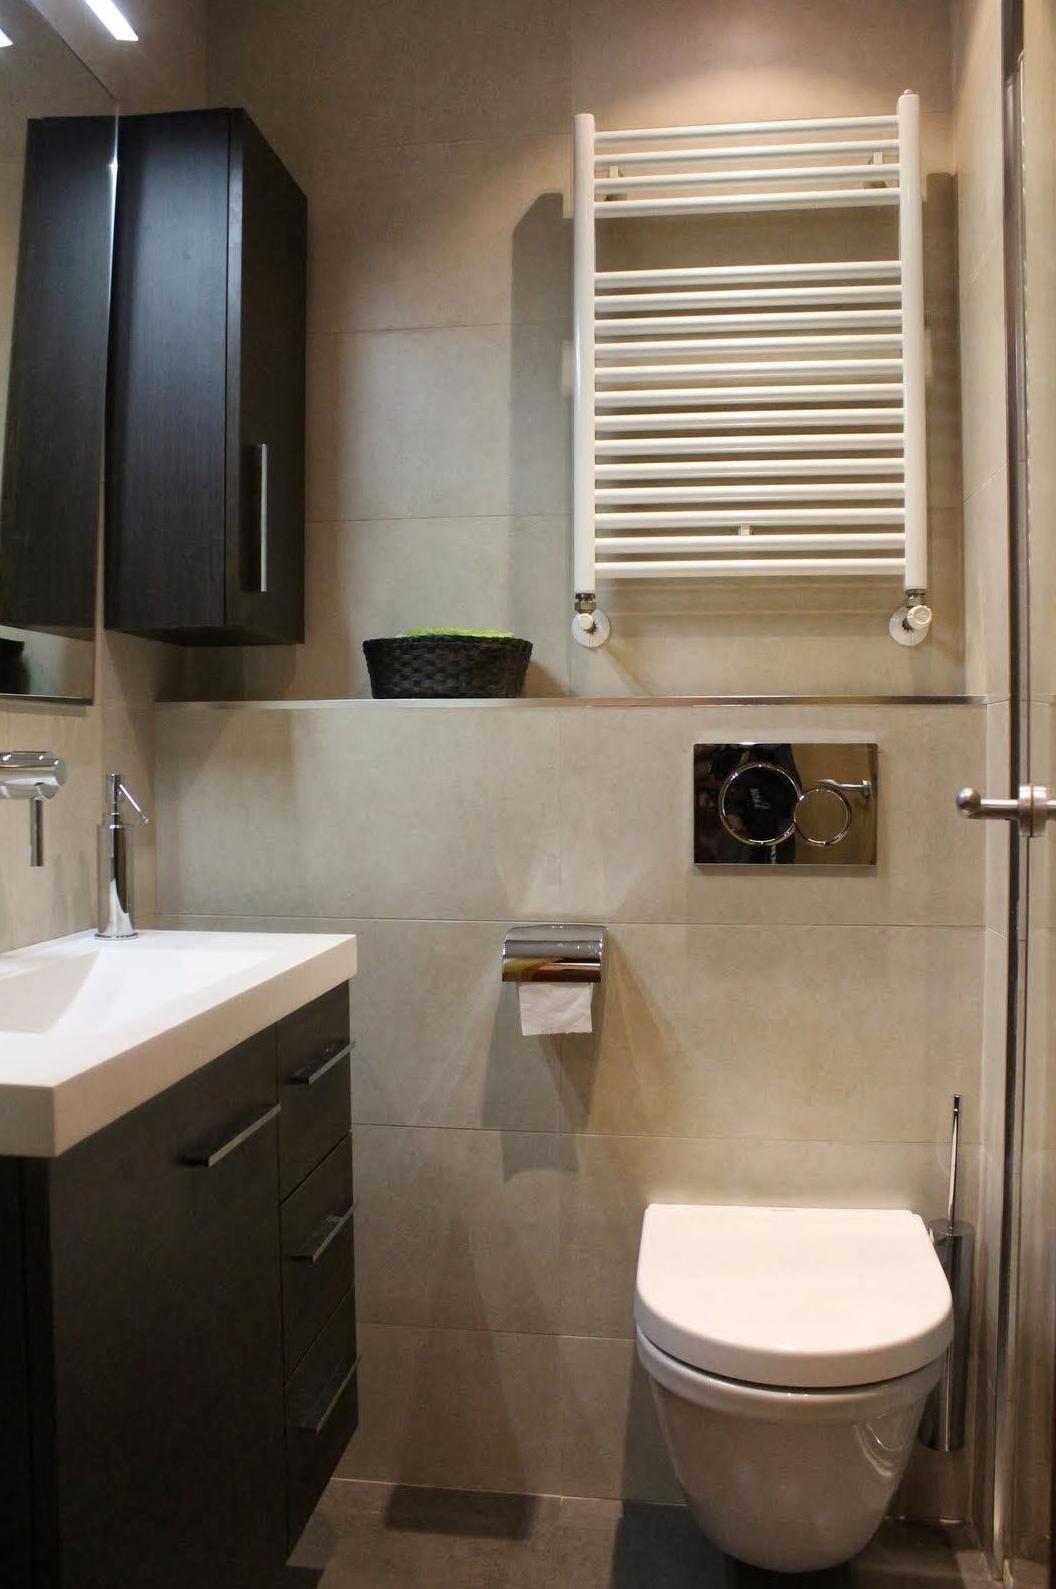 Instalaci n de calefactor en ba o servicios y productos de instal lacions davelor - Calefactores de bano ...